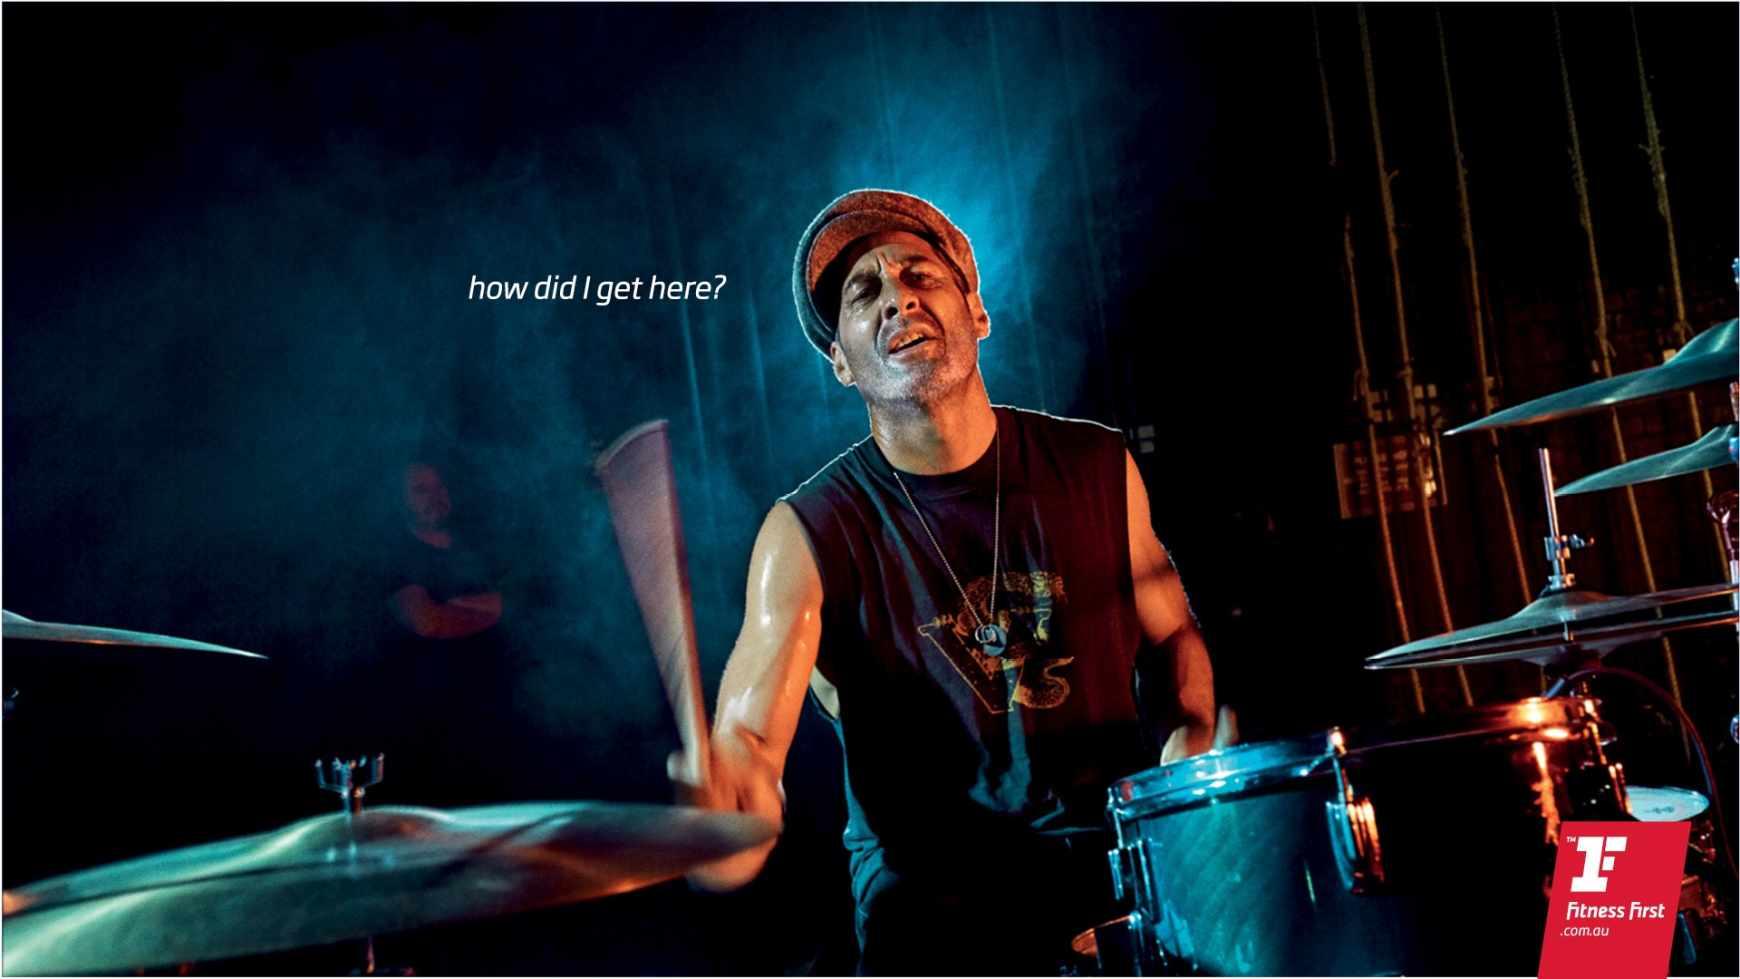 drummer_aotw